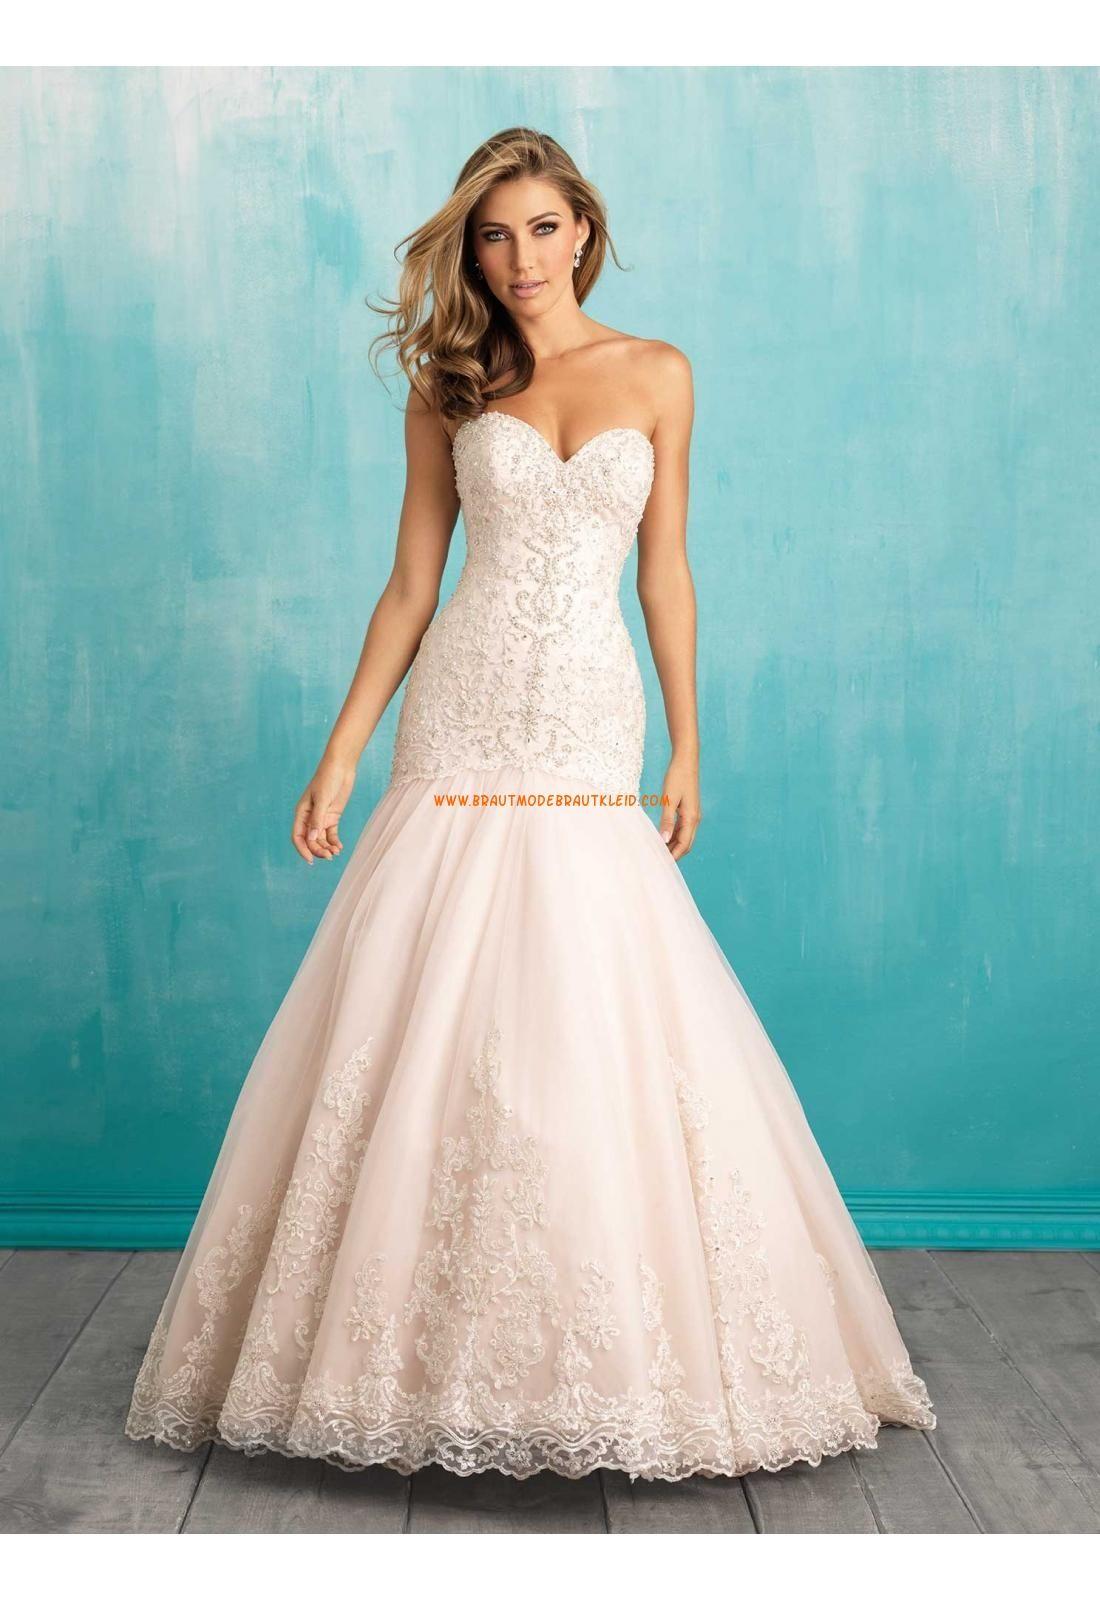 Meerjungfrau Herz-ausschnitt Glamouröse Brautkleider aus Spitze mit ...